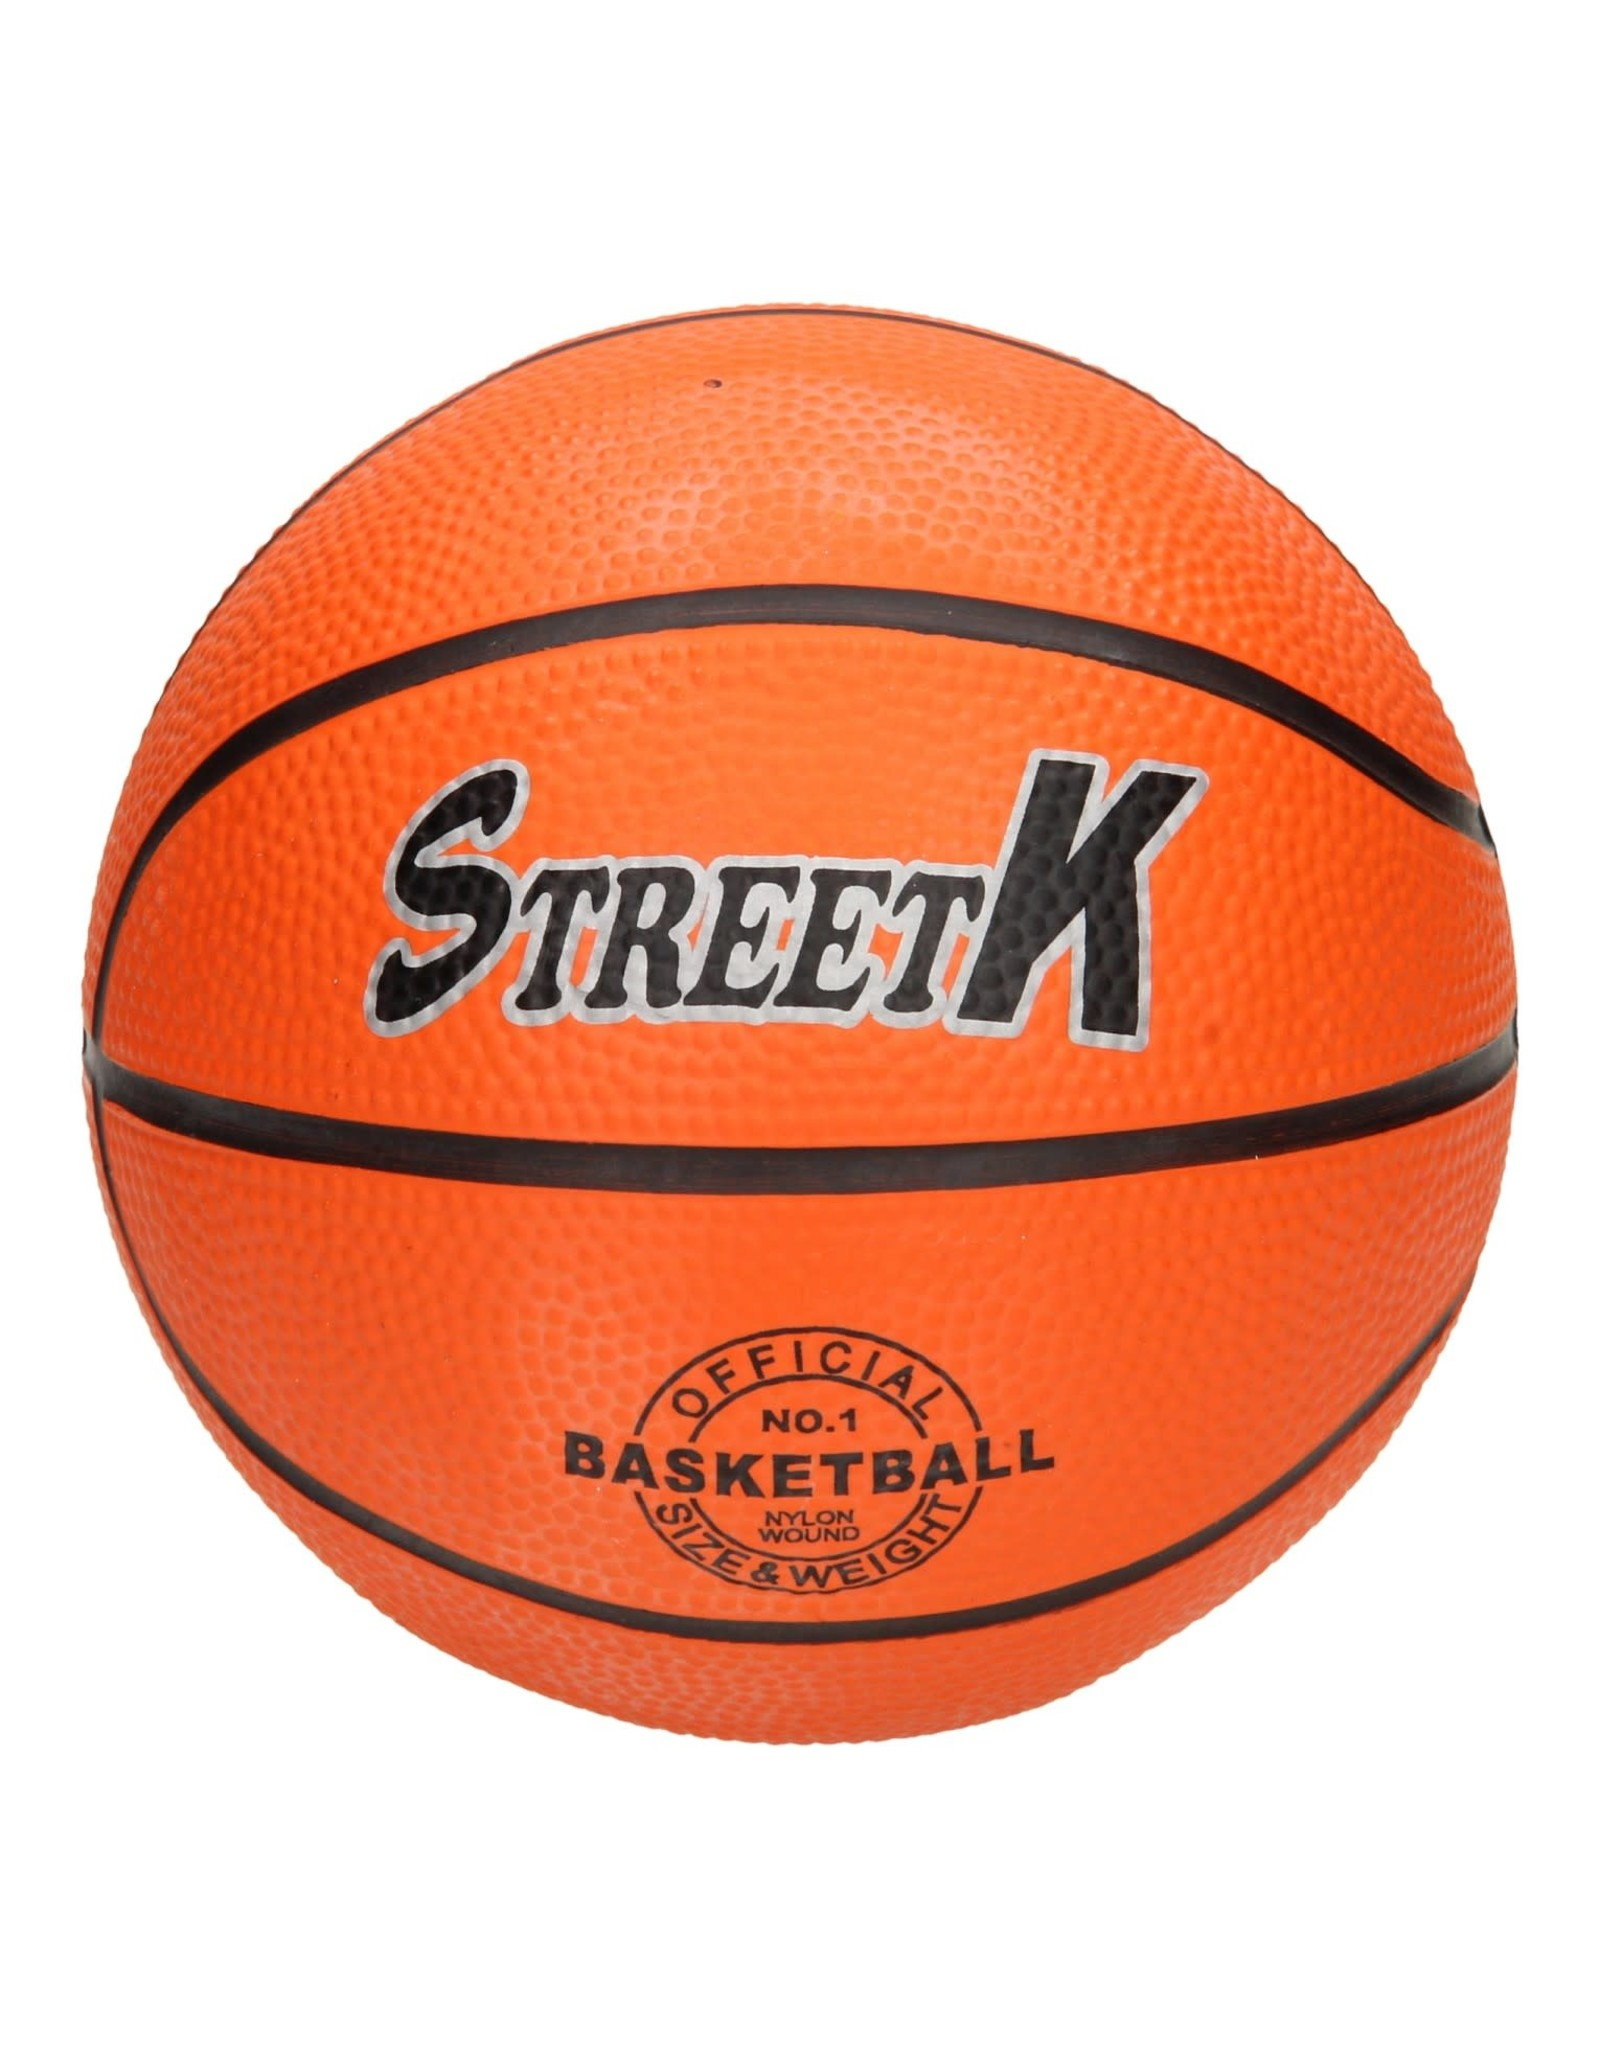 Basketbal streetk no1 klein voormat